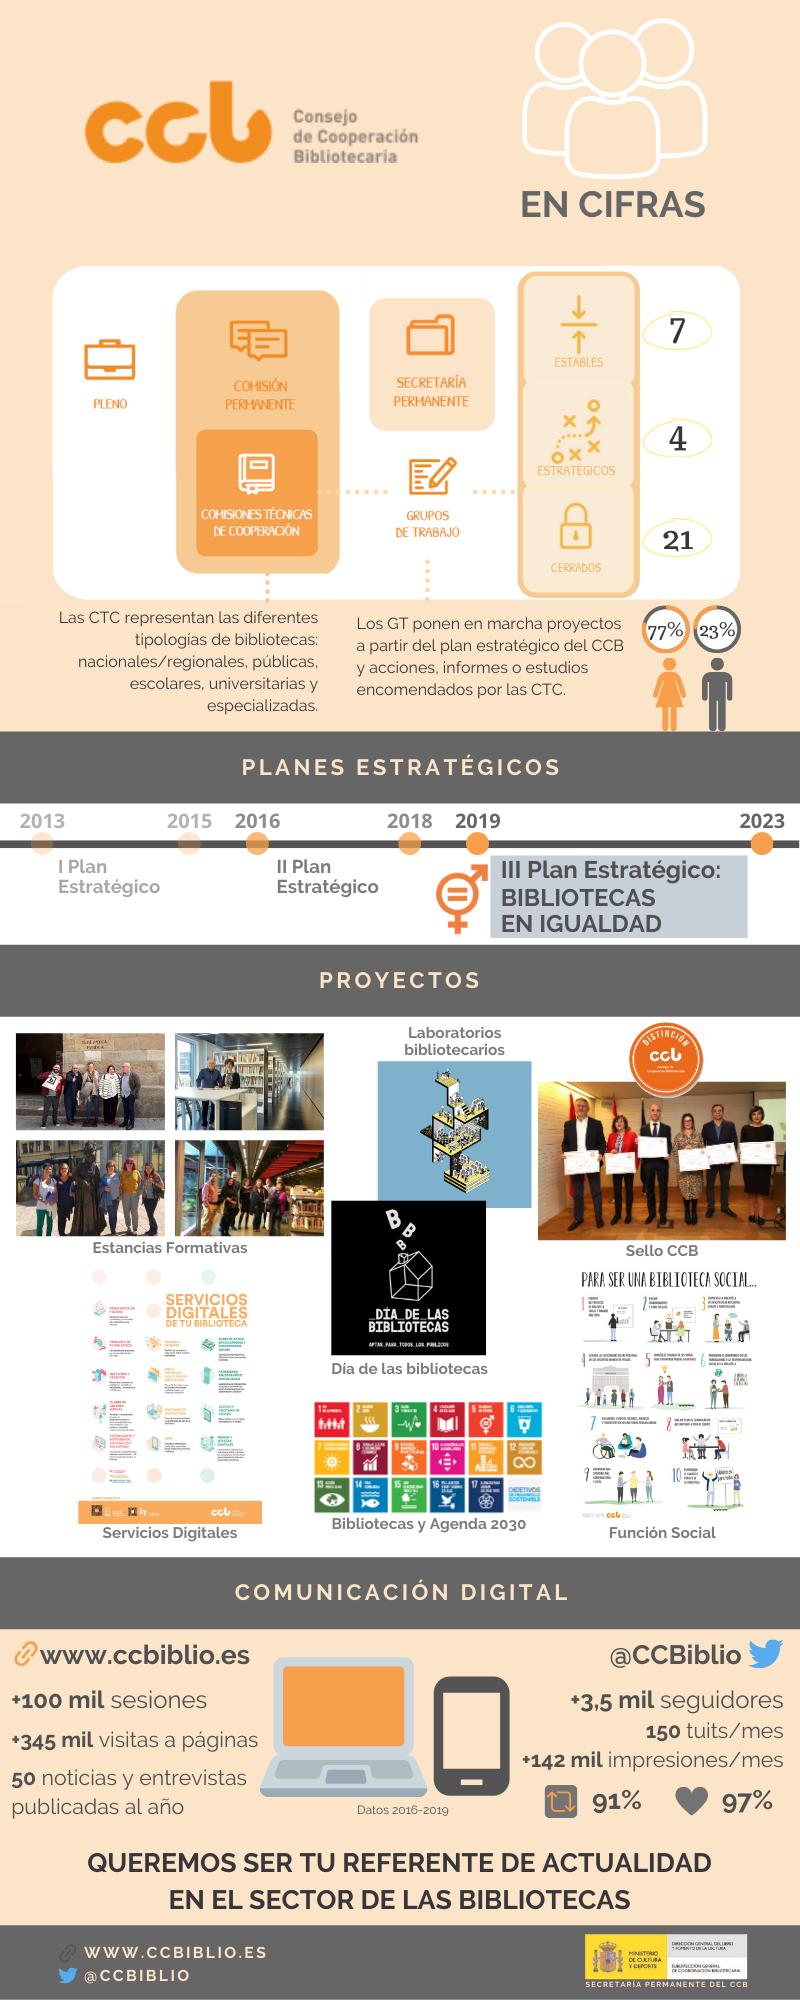 Infografía CCB en cifras